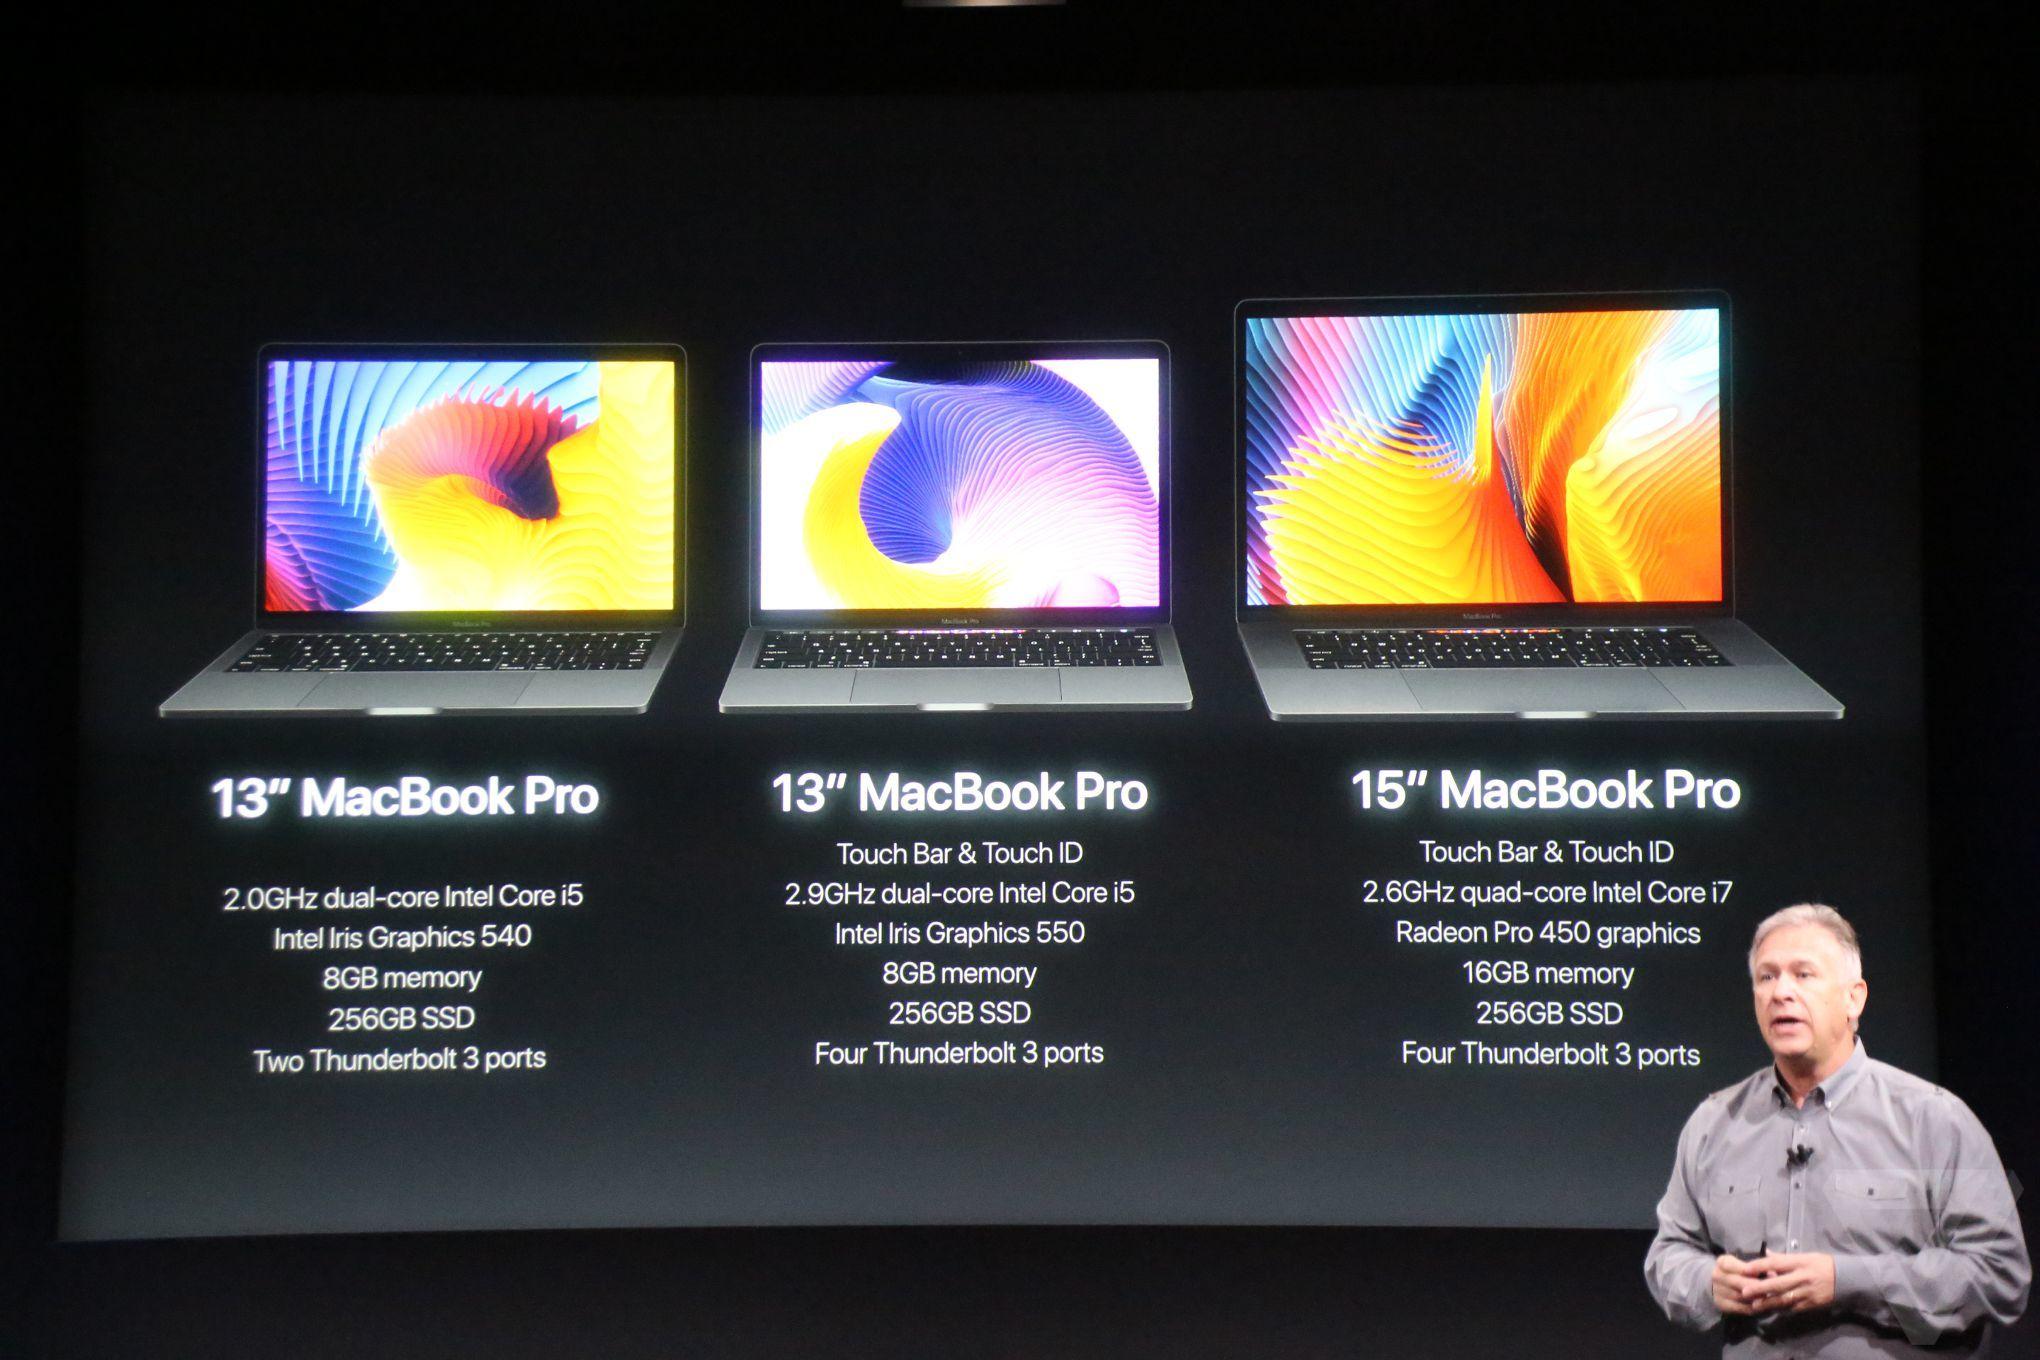 apple-macbook-event-20161027-9051